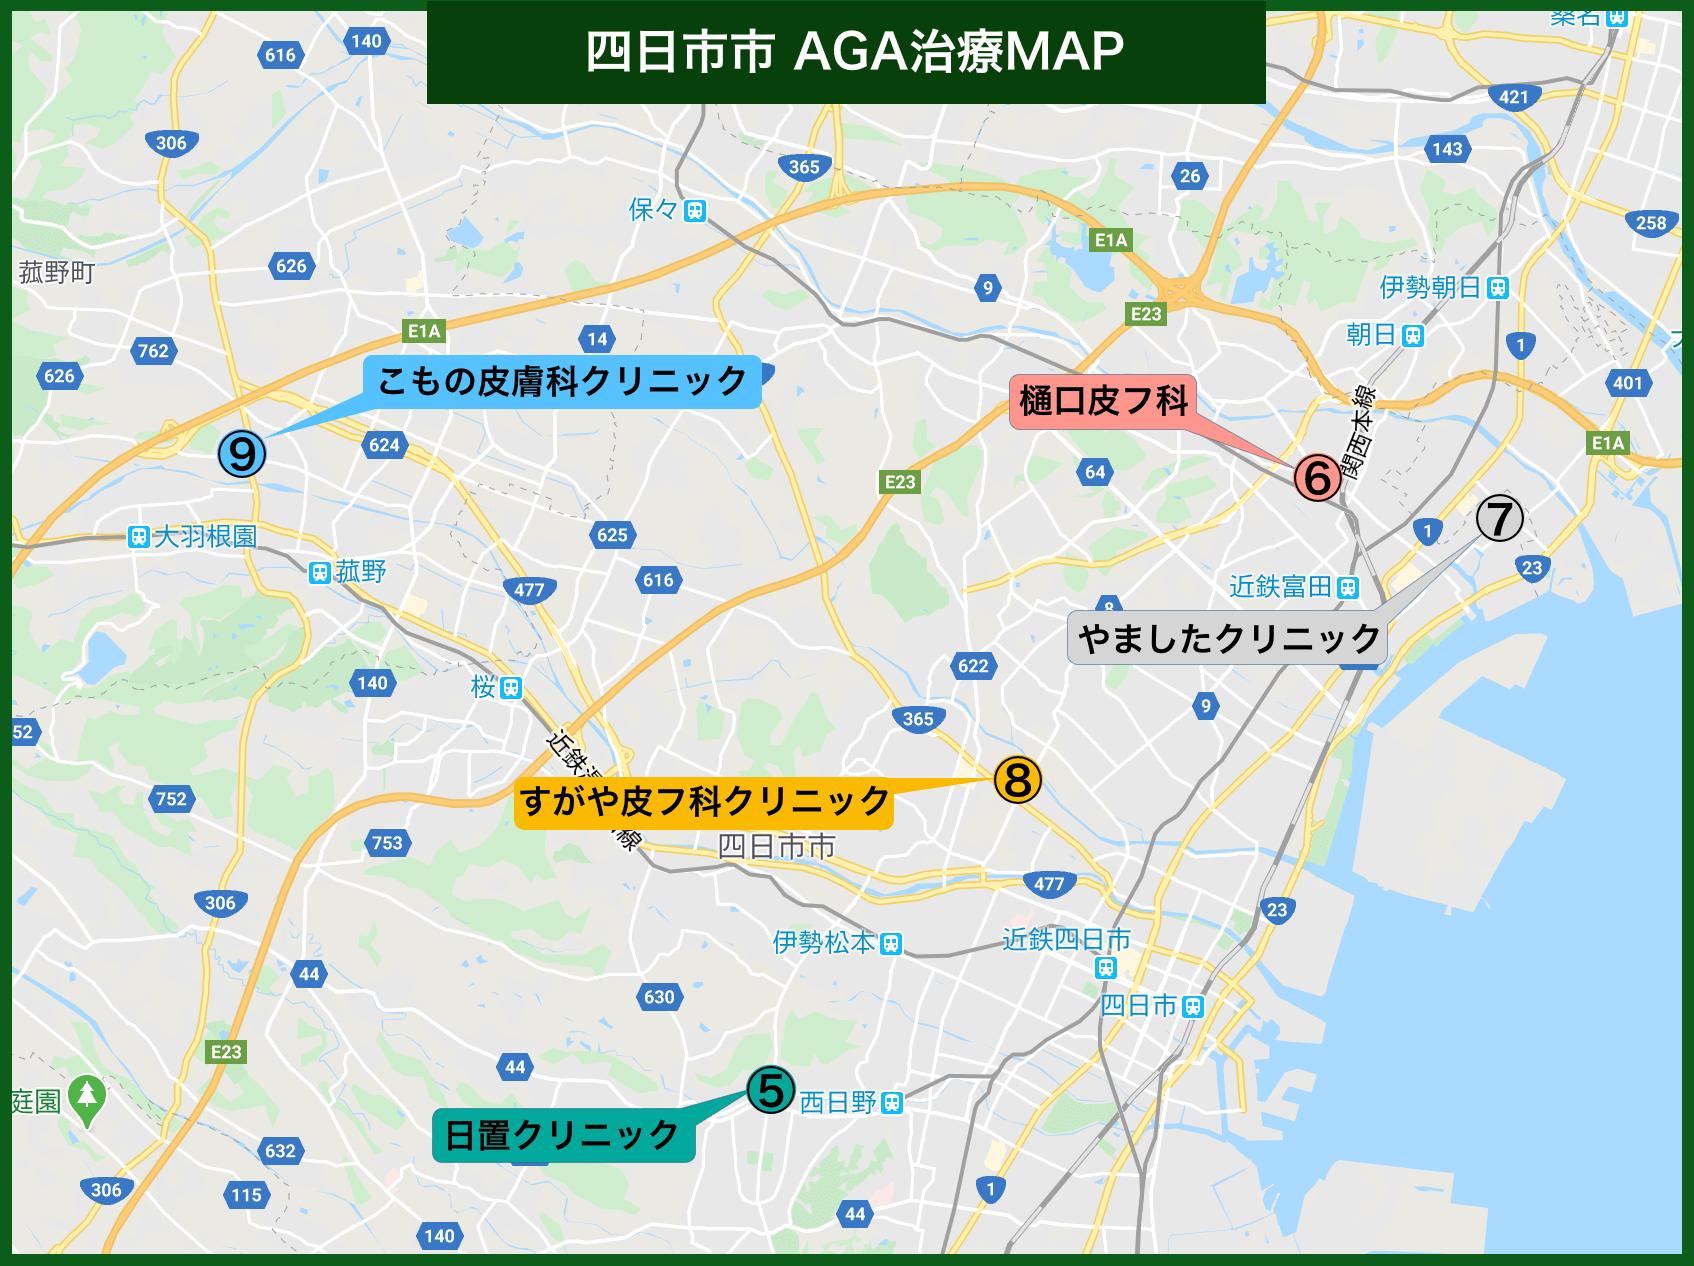 四日市市 AGA治療MAP